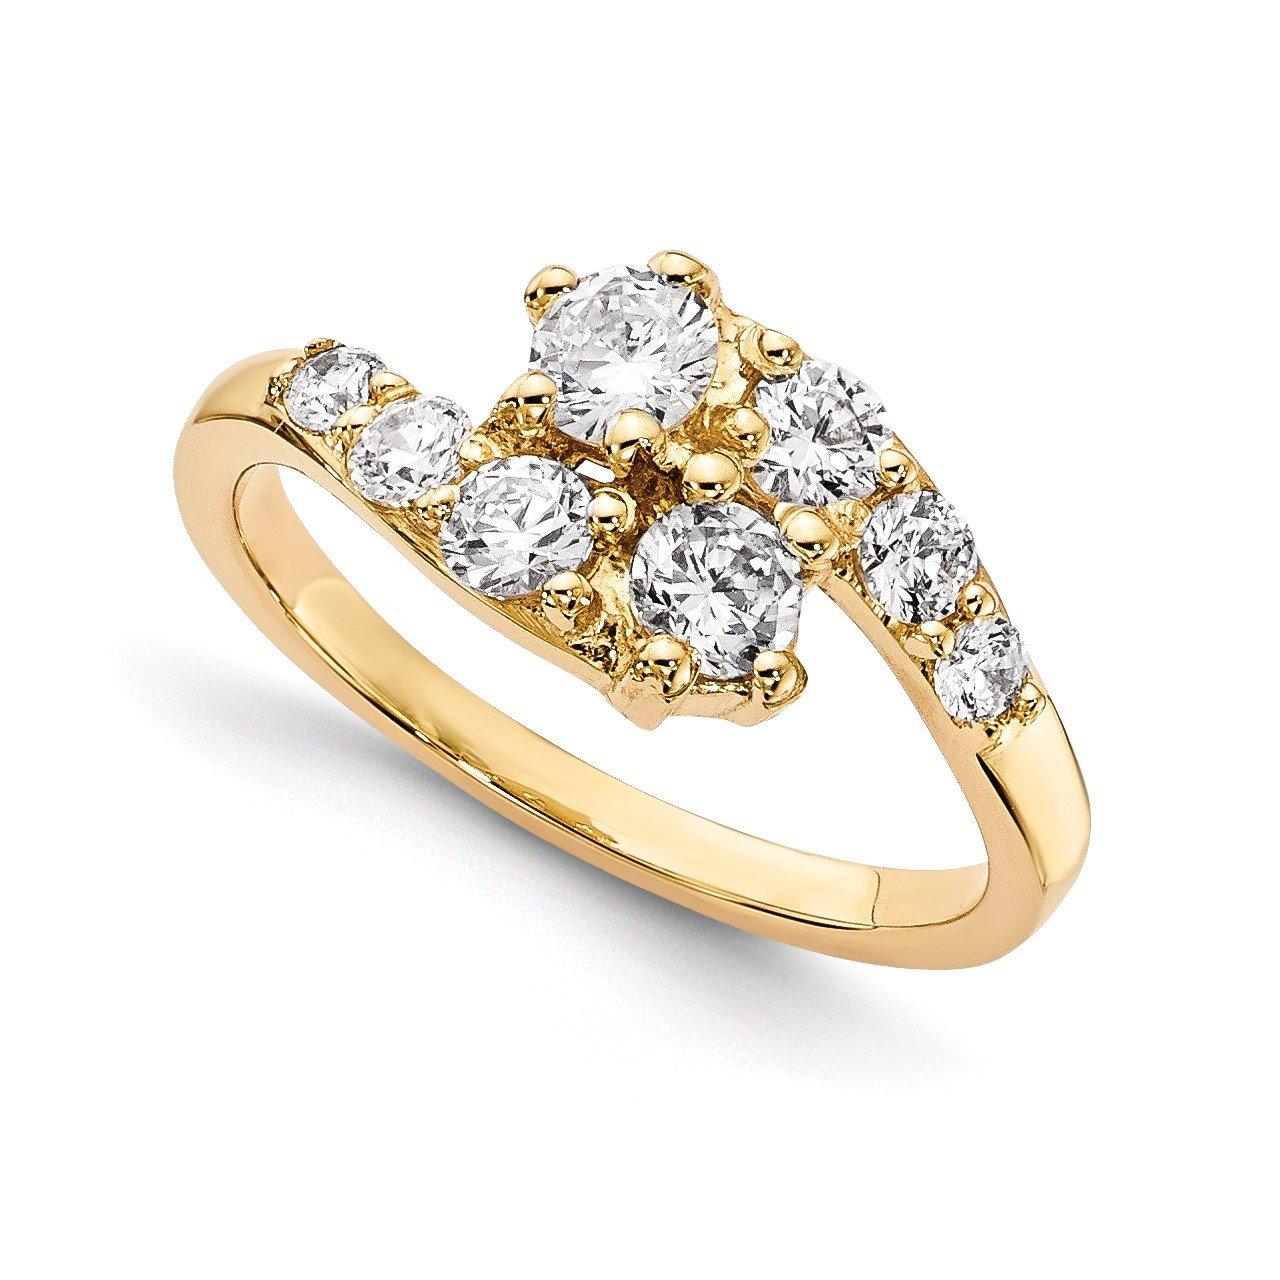 14KY AA Diamond 2-stone Ring Semi-Mount - 3.5 mm center stones